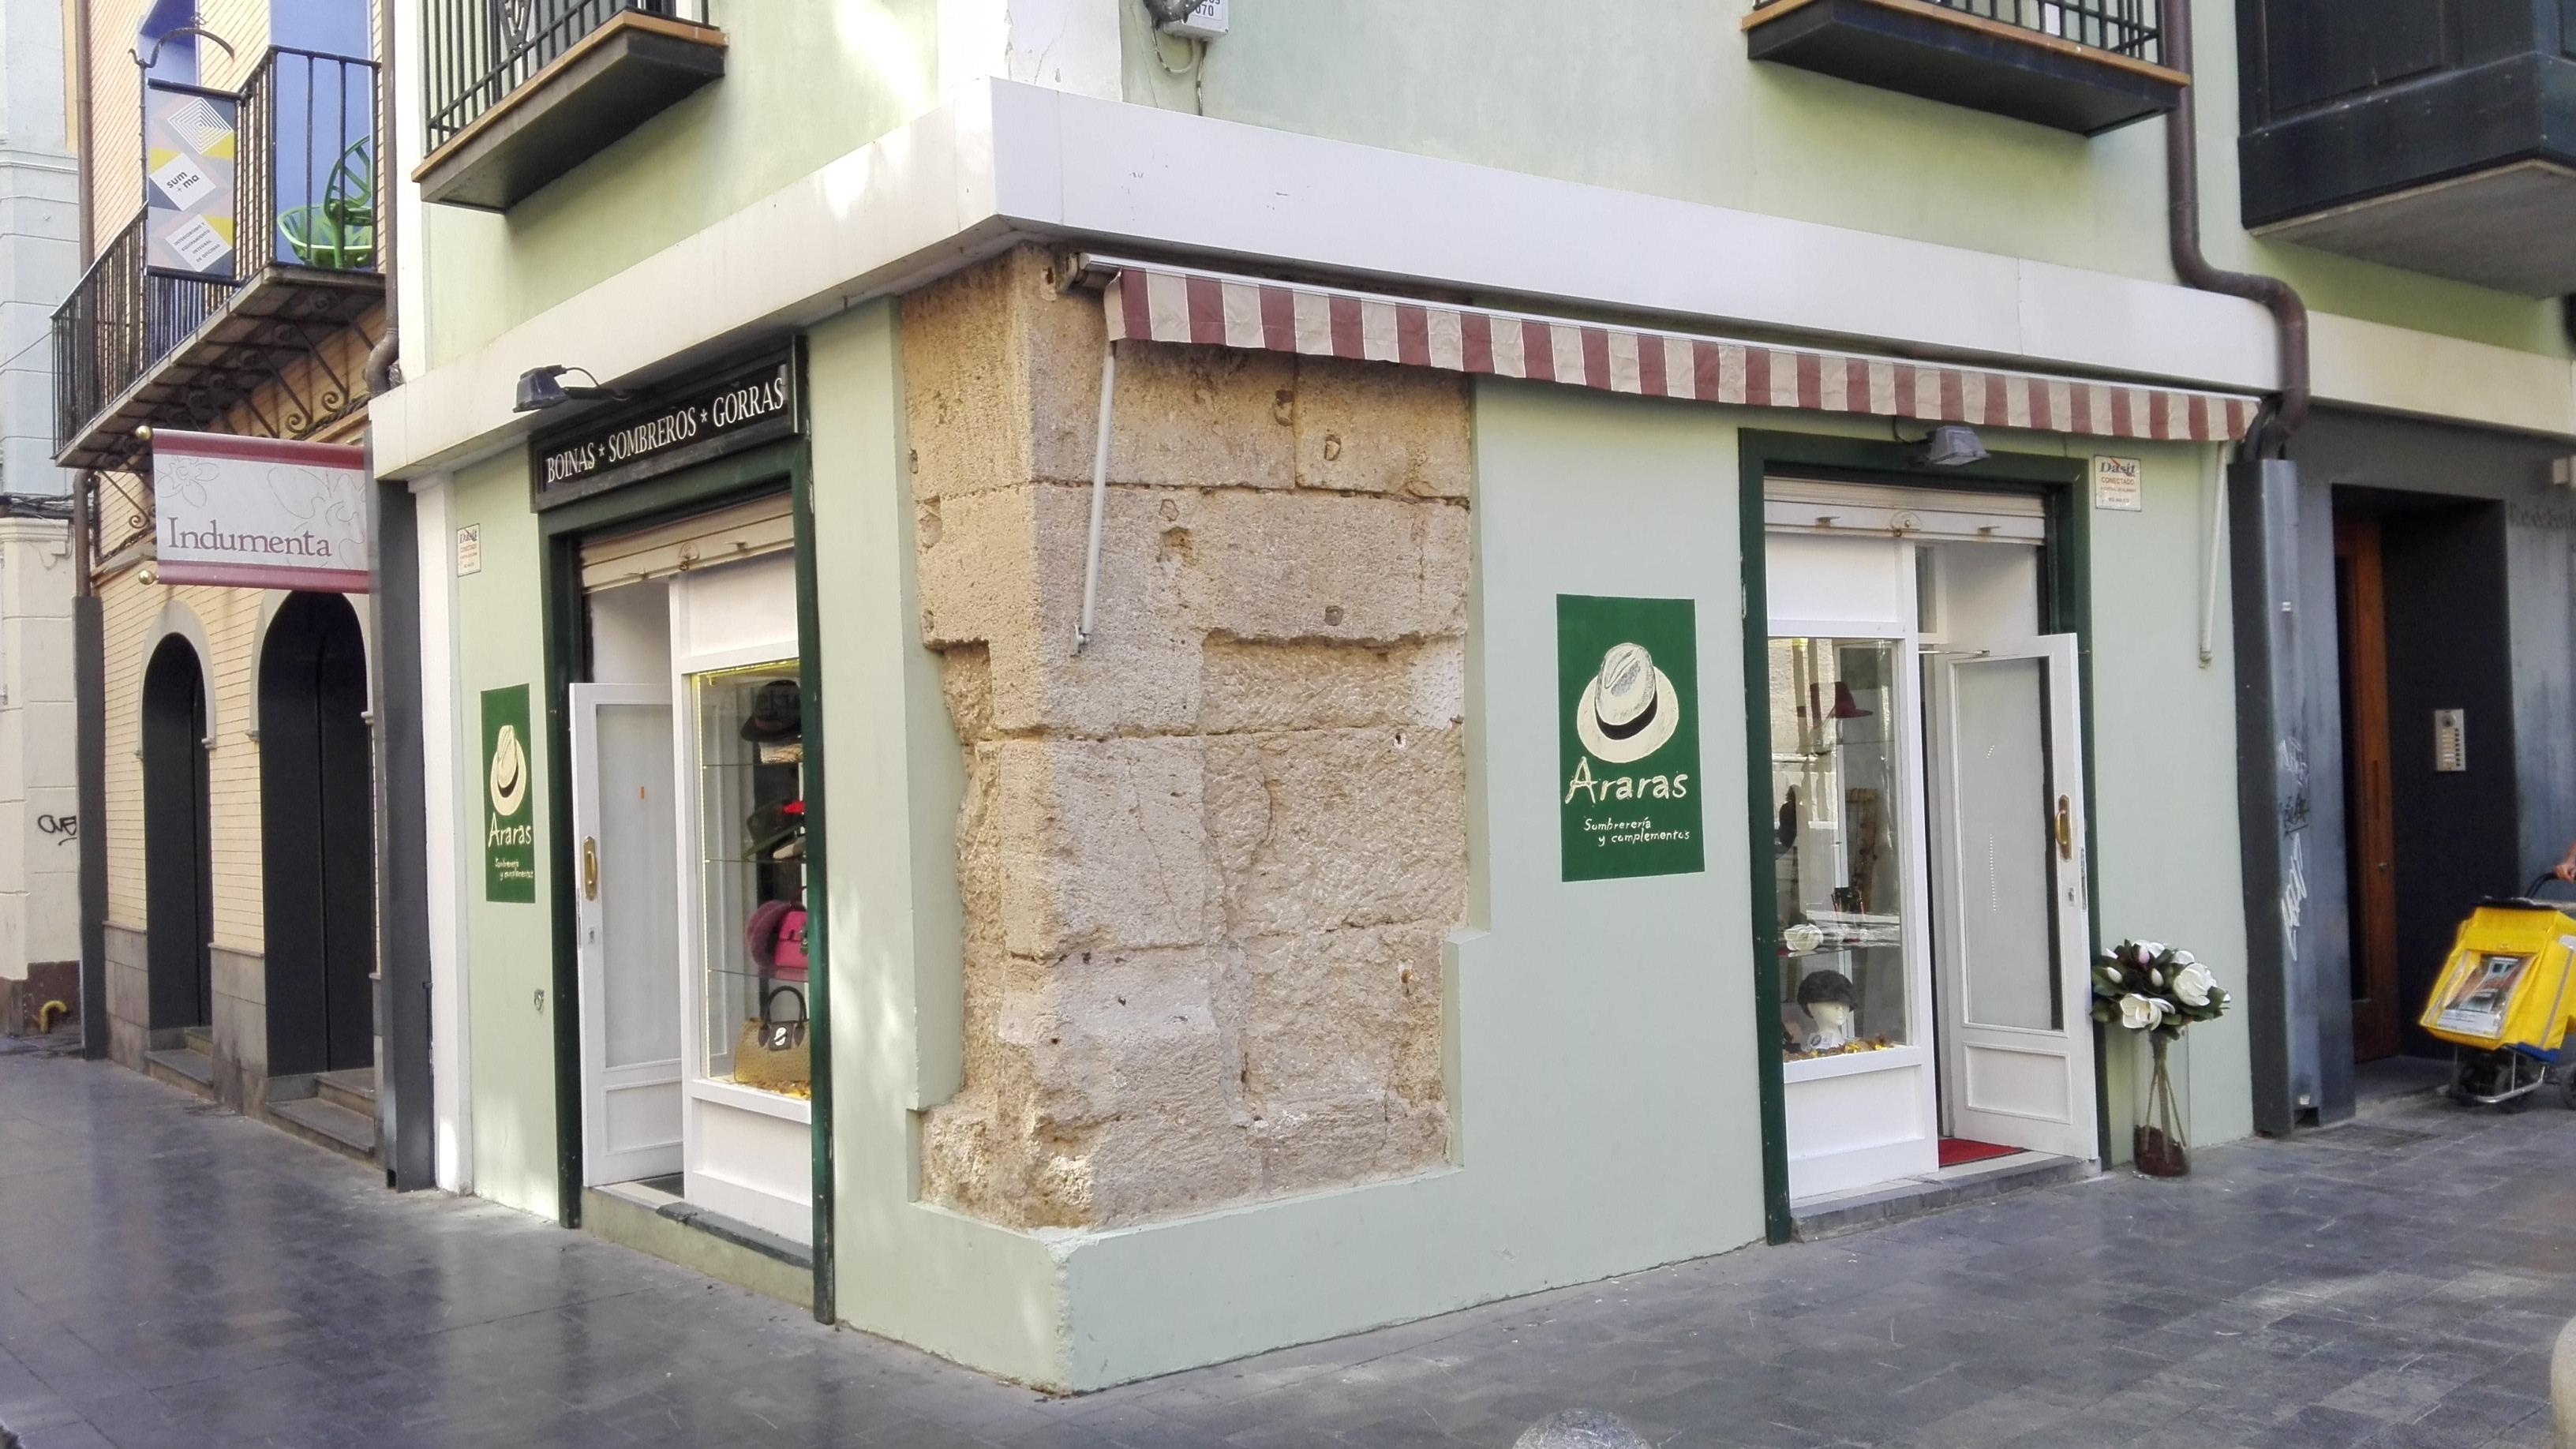 Exterior Araras Zaragoza